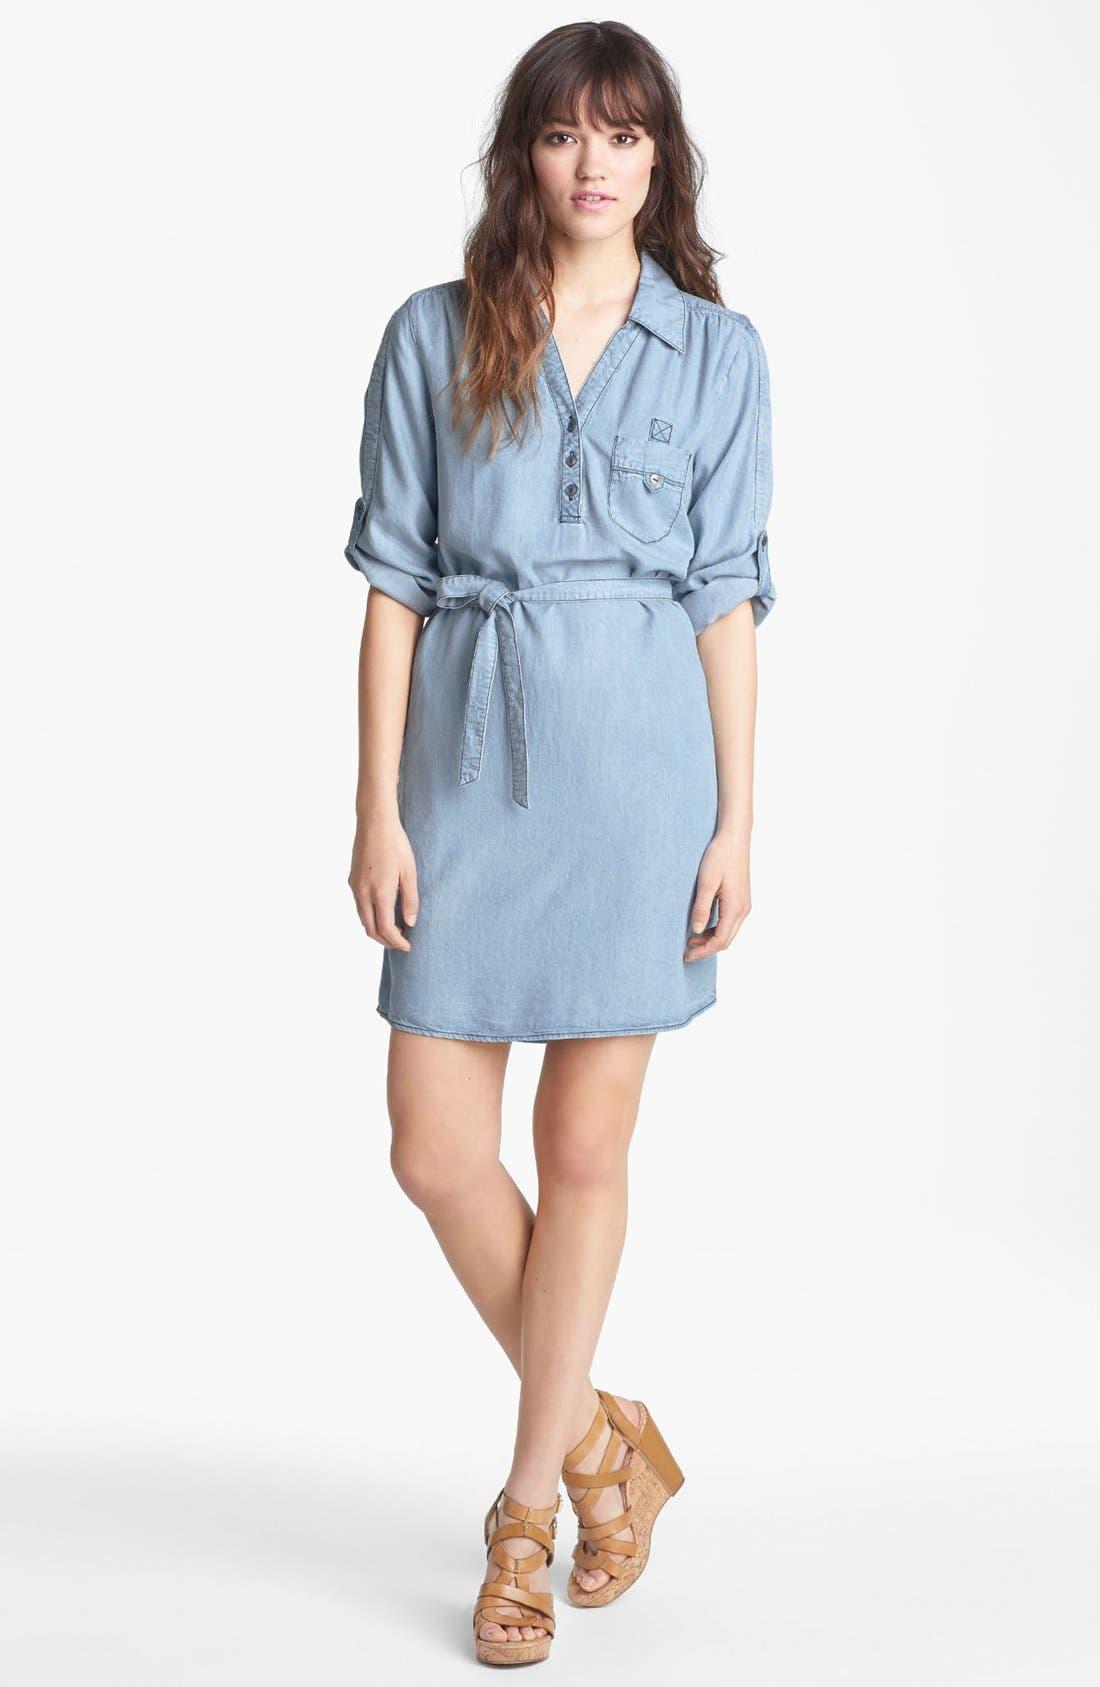 Alternate Image 1 Selected - VELVET HEART 'Audrey' Chambray Shirtdress